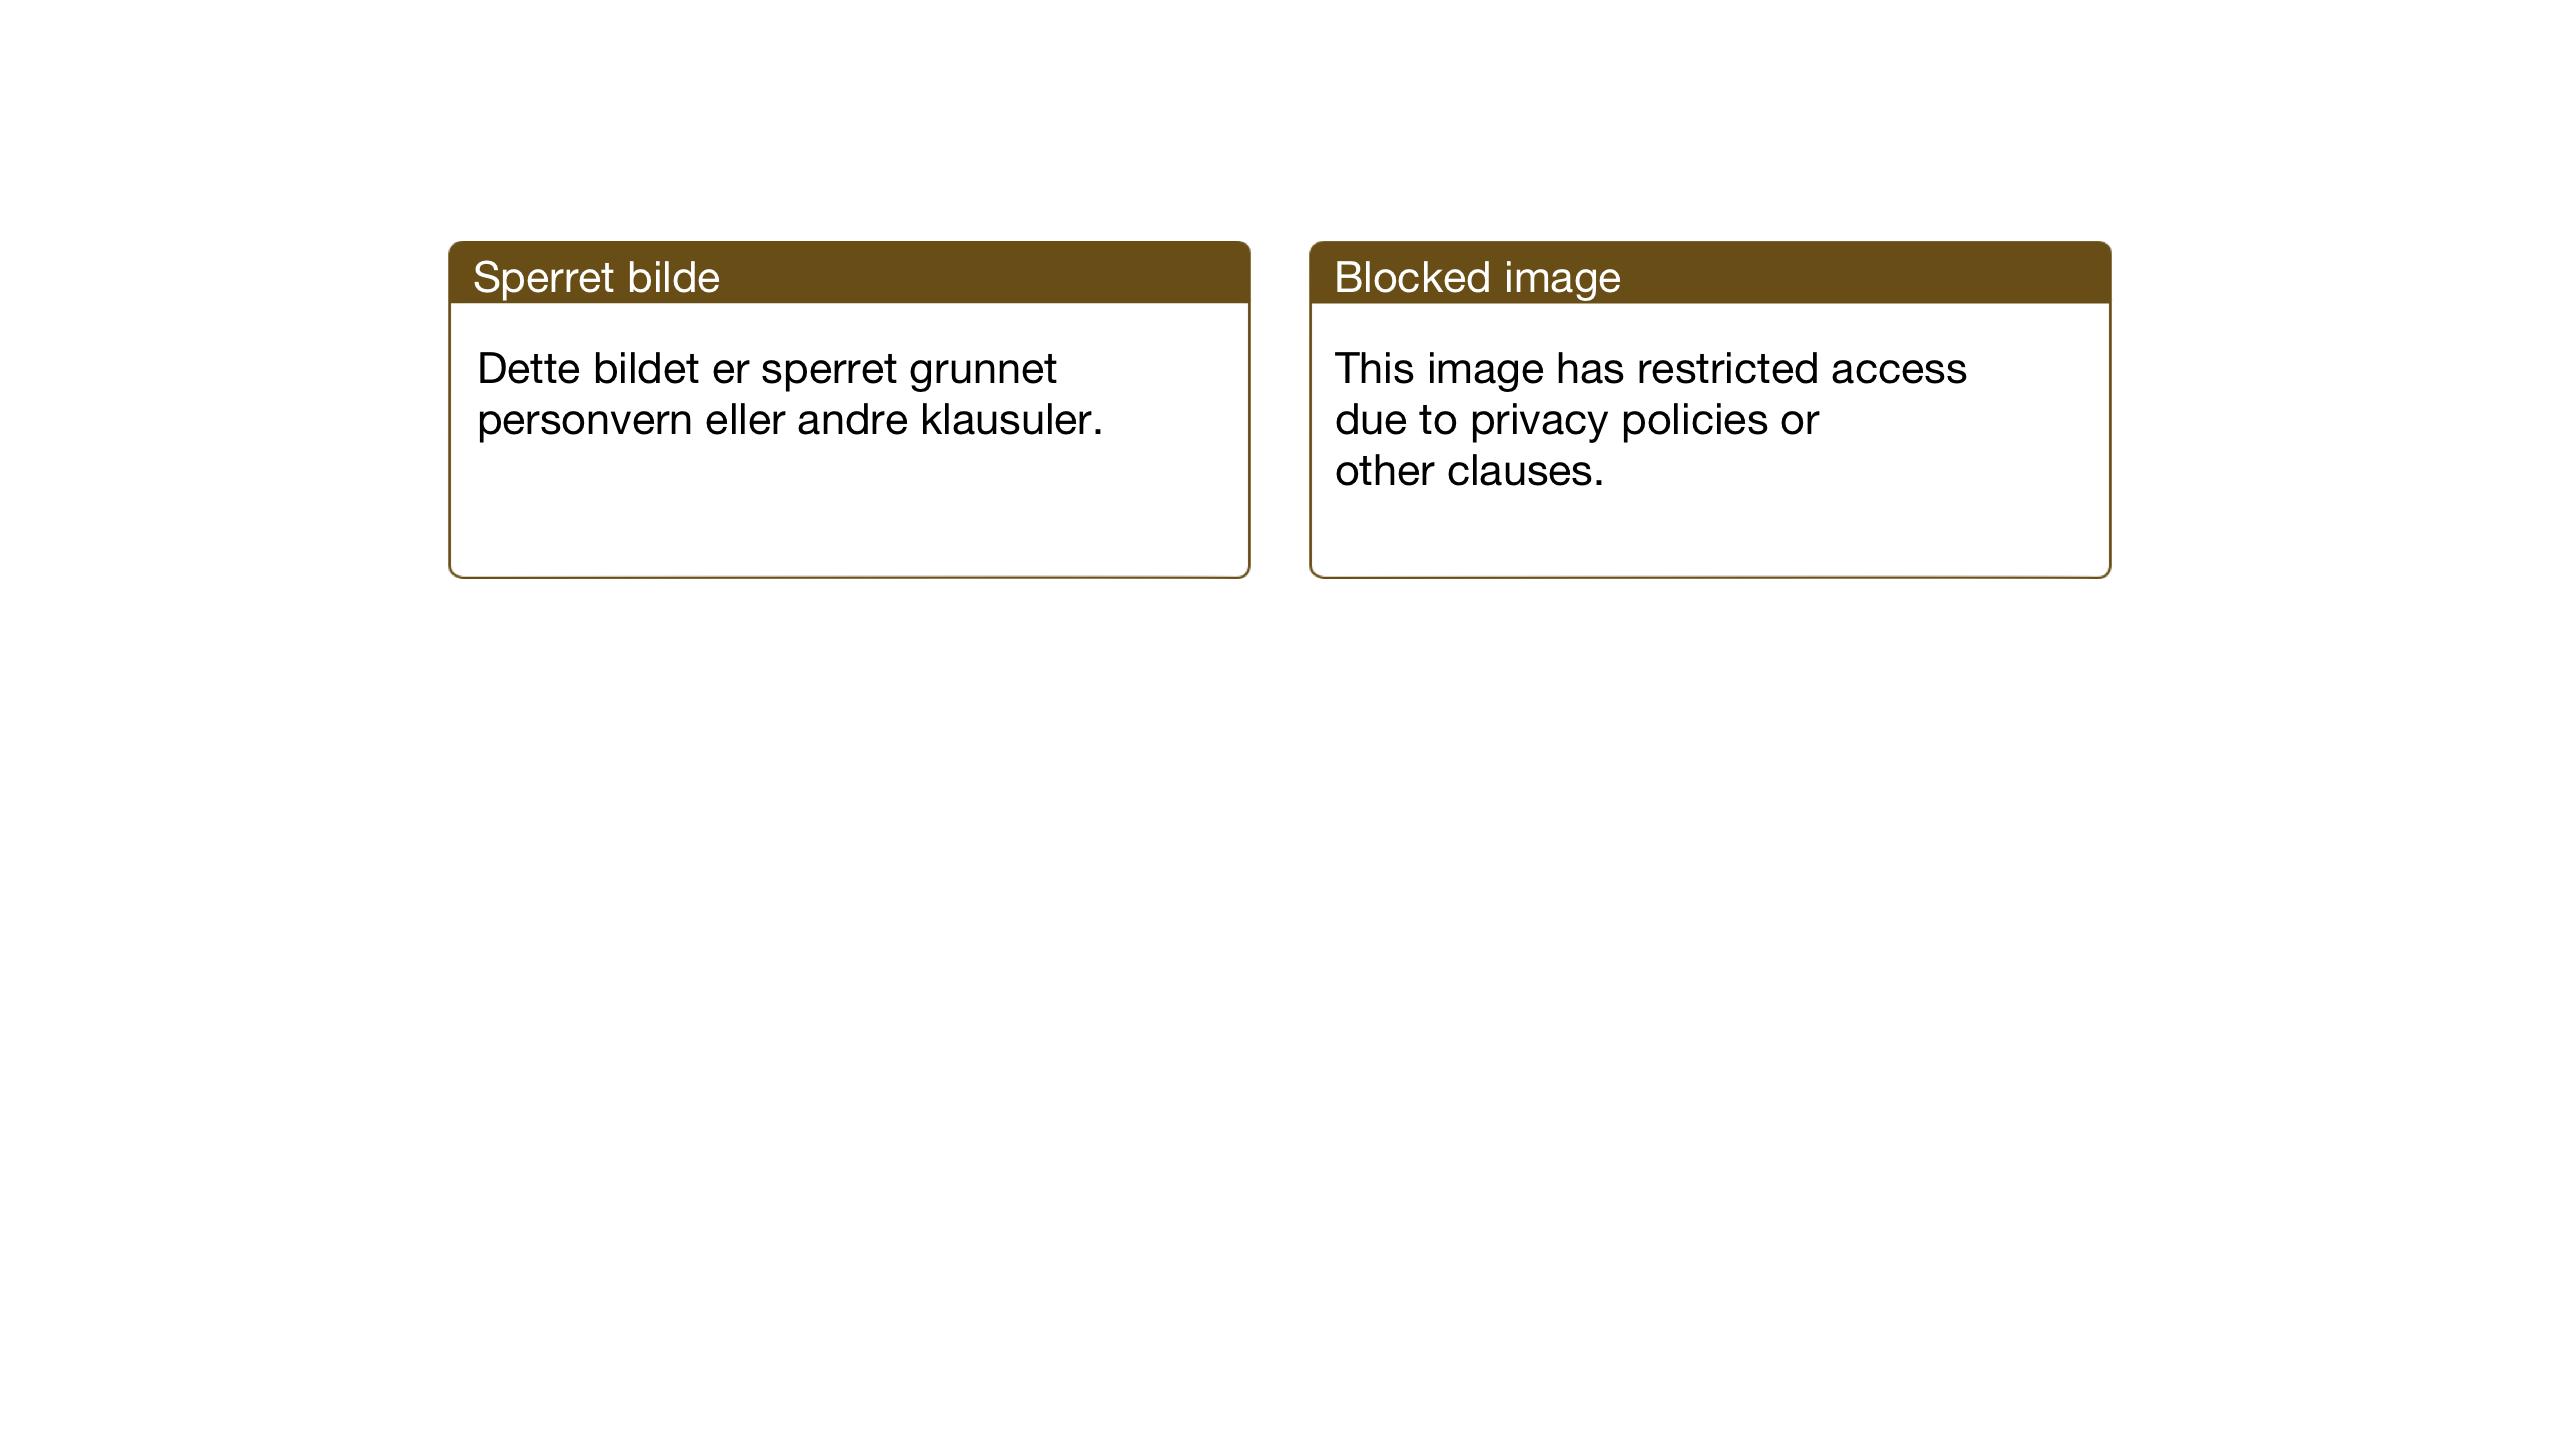 SAT, Ministerialprotokoller, klokkerbøker og fødselsregistre - Sør-Trøndelag, 670/L0837: Klokkerbok nr. 670C01, 1905-1946, s. 188-189